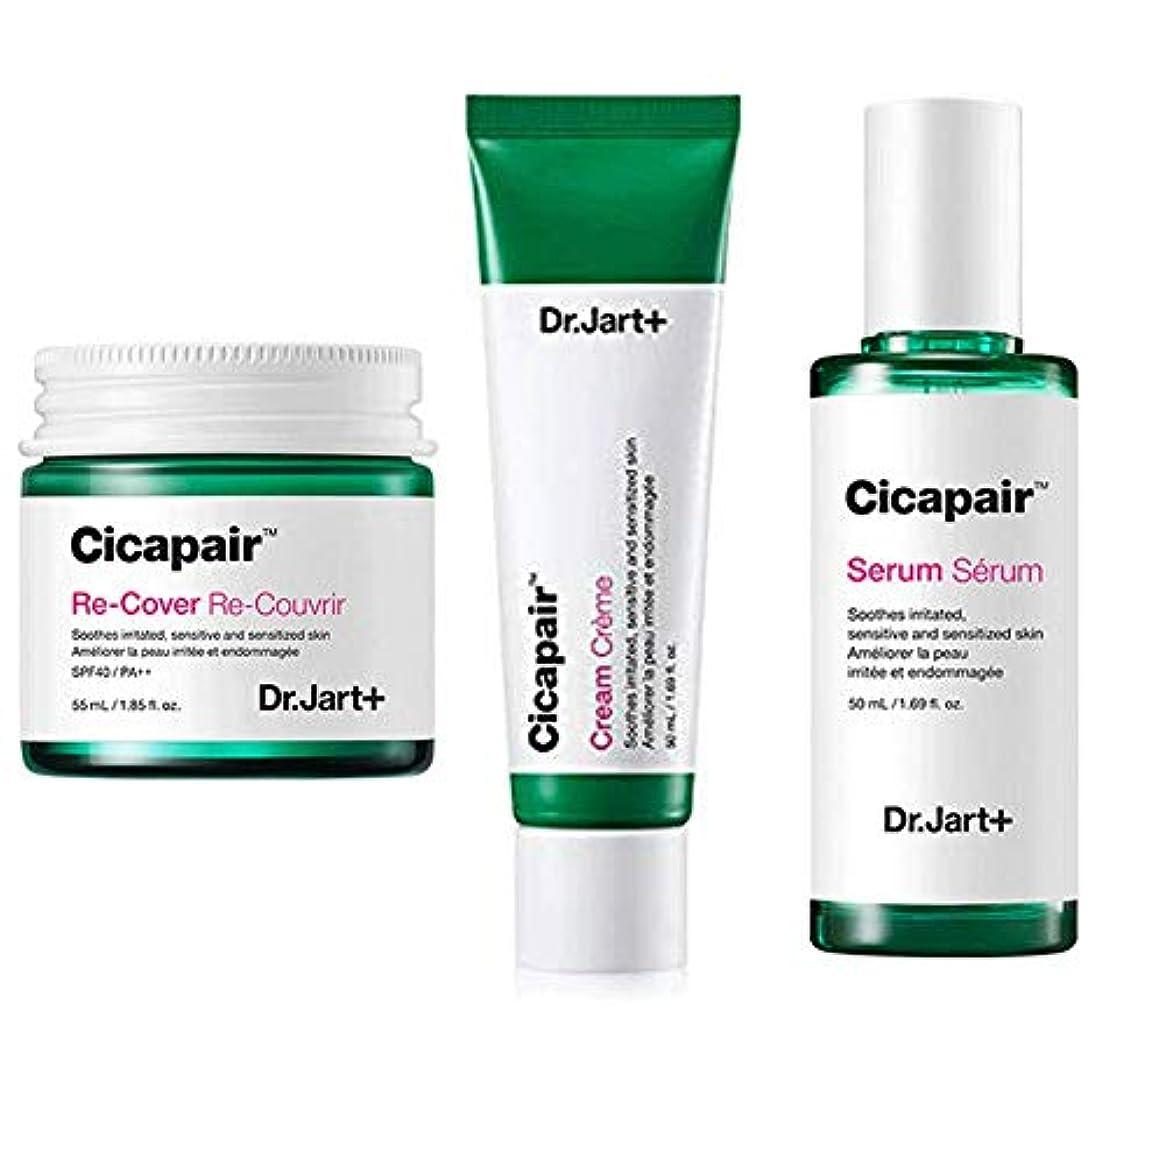 ピーブセットする救いDr.Jart+ Cicapair Cream + ReCover + Serum ドクタージャルトシカペアクリーム50ml + リカバー 55ml + セラム 50ml(2代目) セット [並行輸入品]